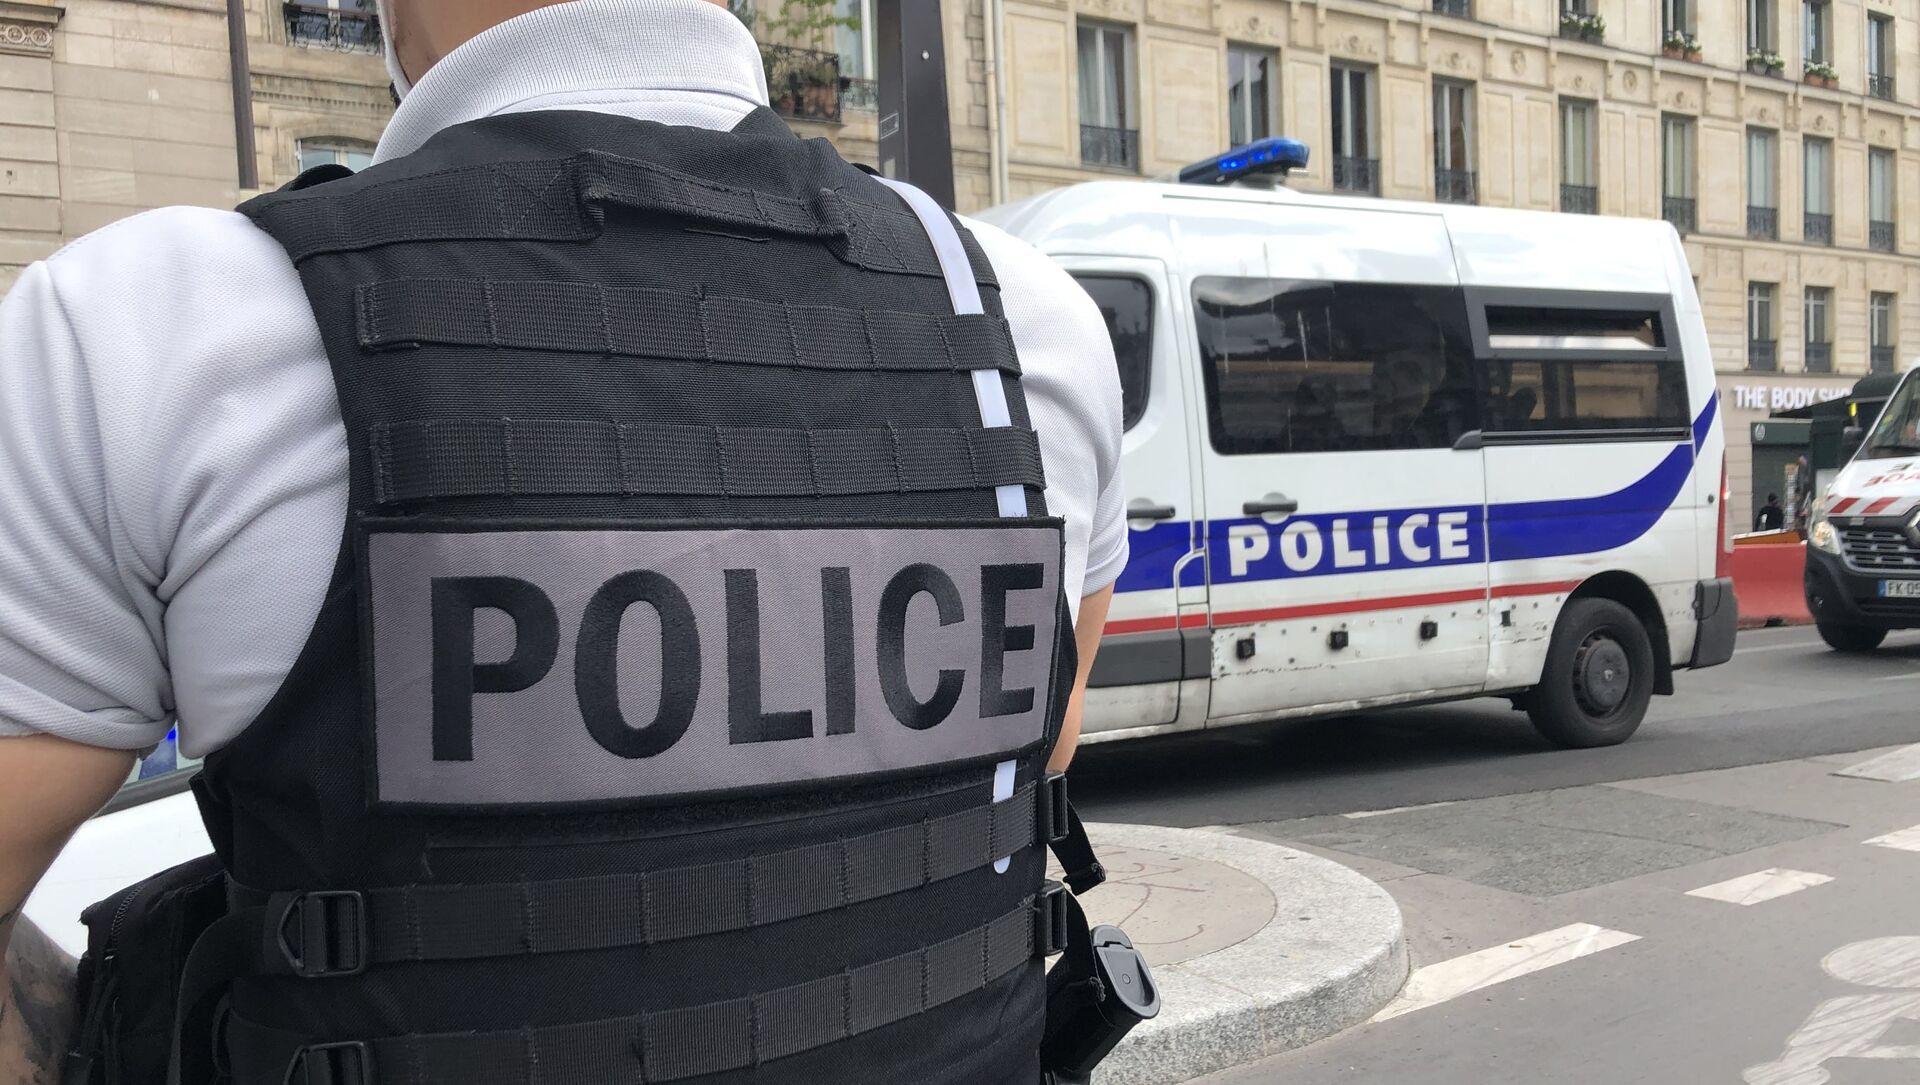 Police nationale - Sputnik France, 1920, 17.08.2021